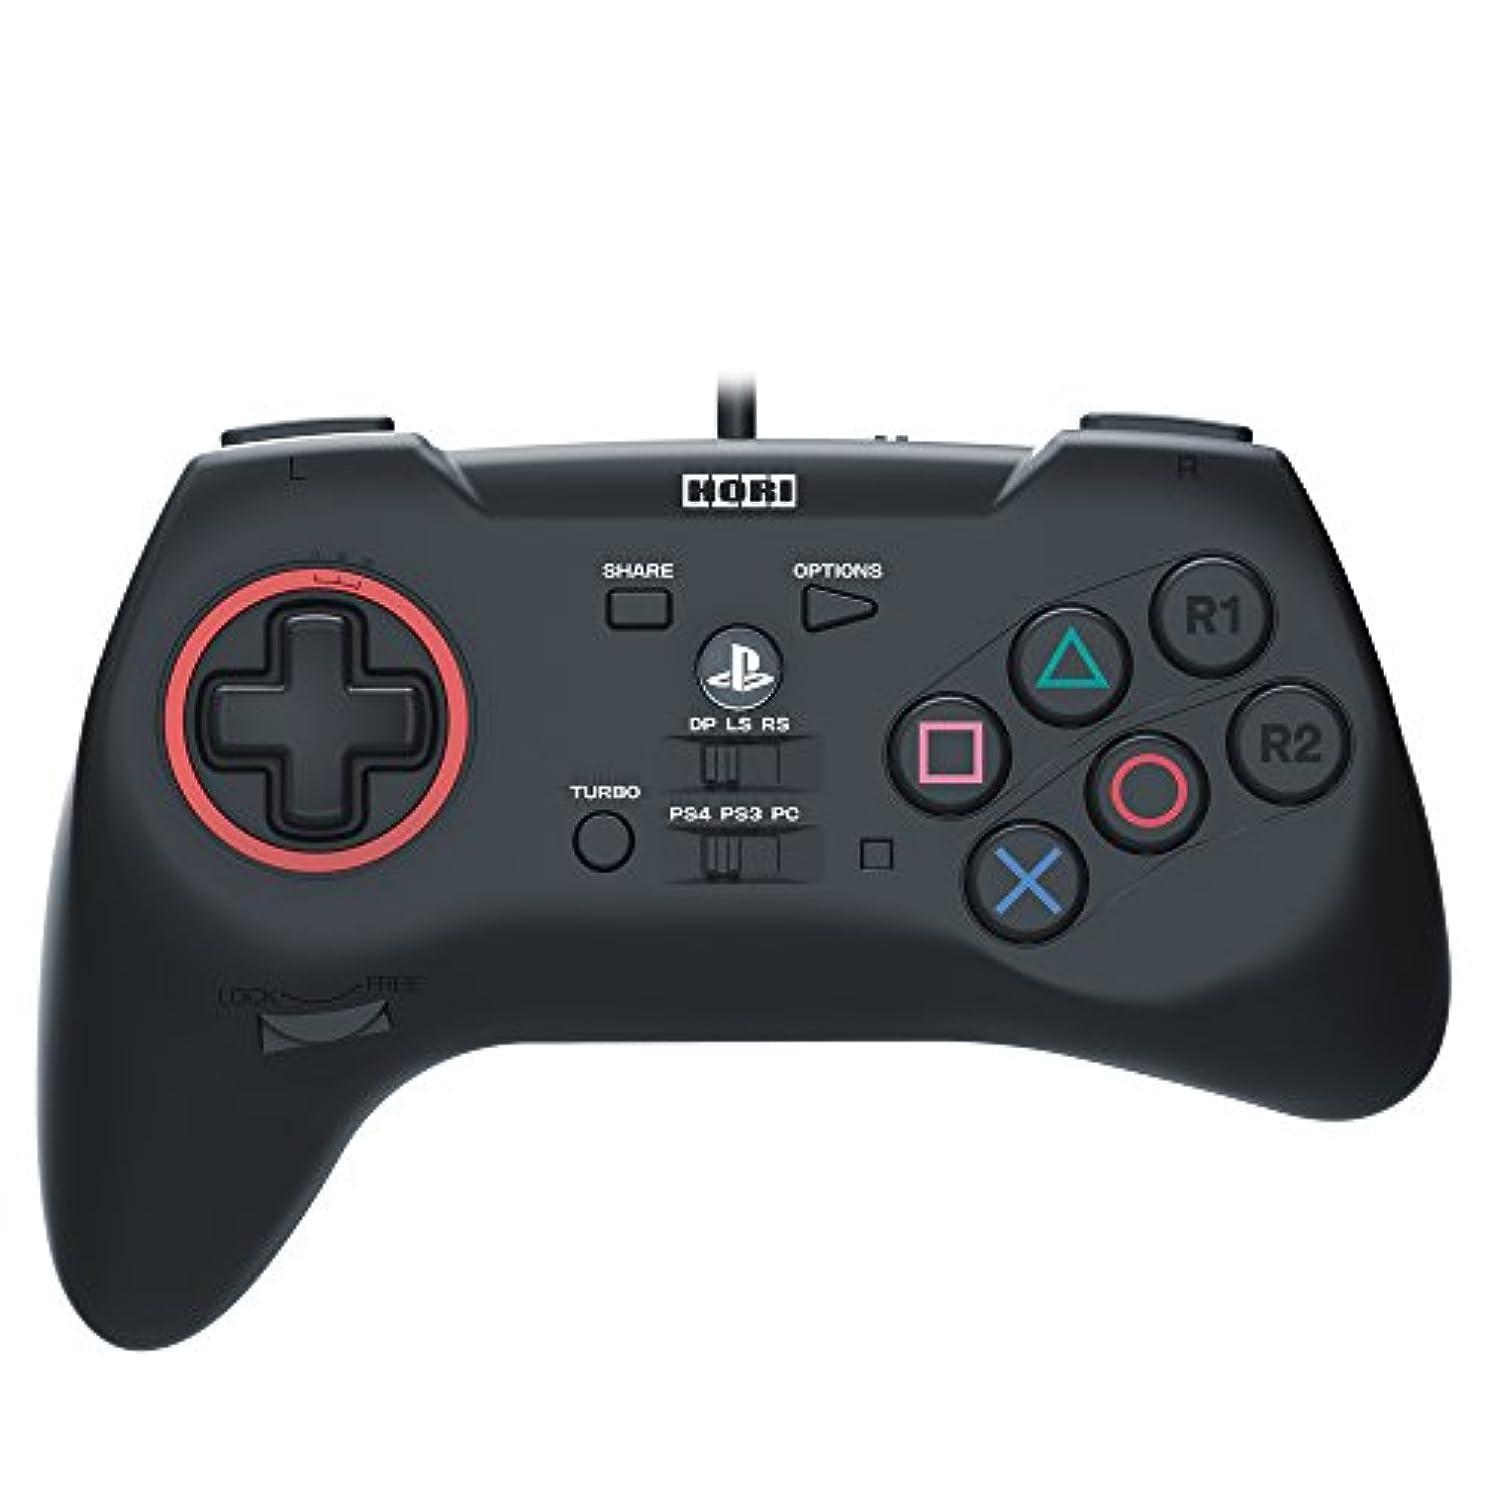 縮約啓発する病気【PS4対応】ファイティングコマンダーPro for PS4 PS3 PC